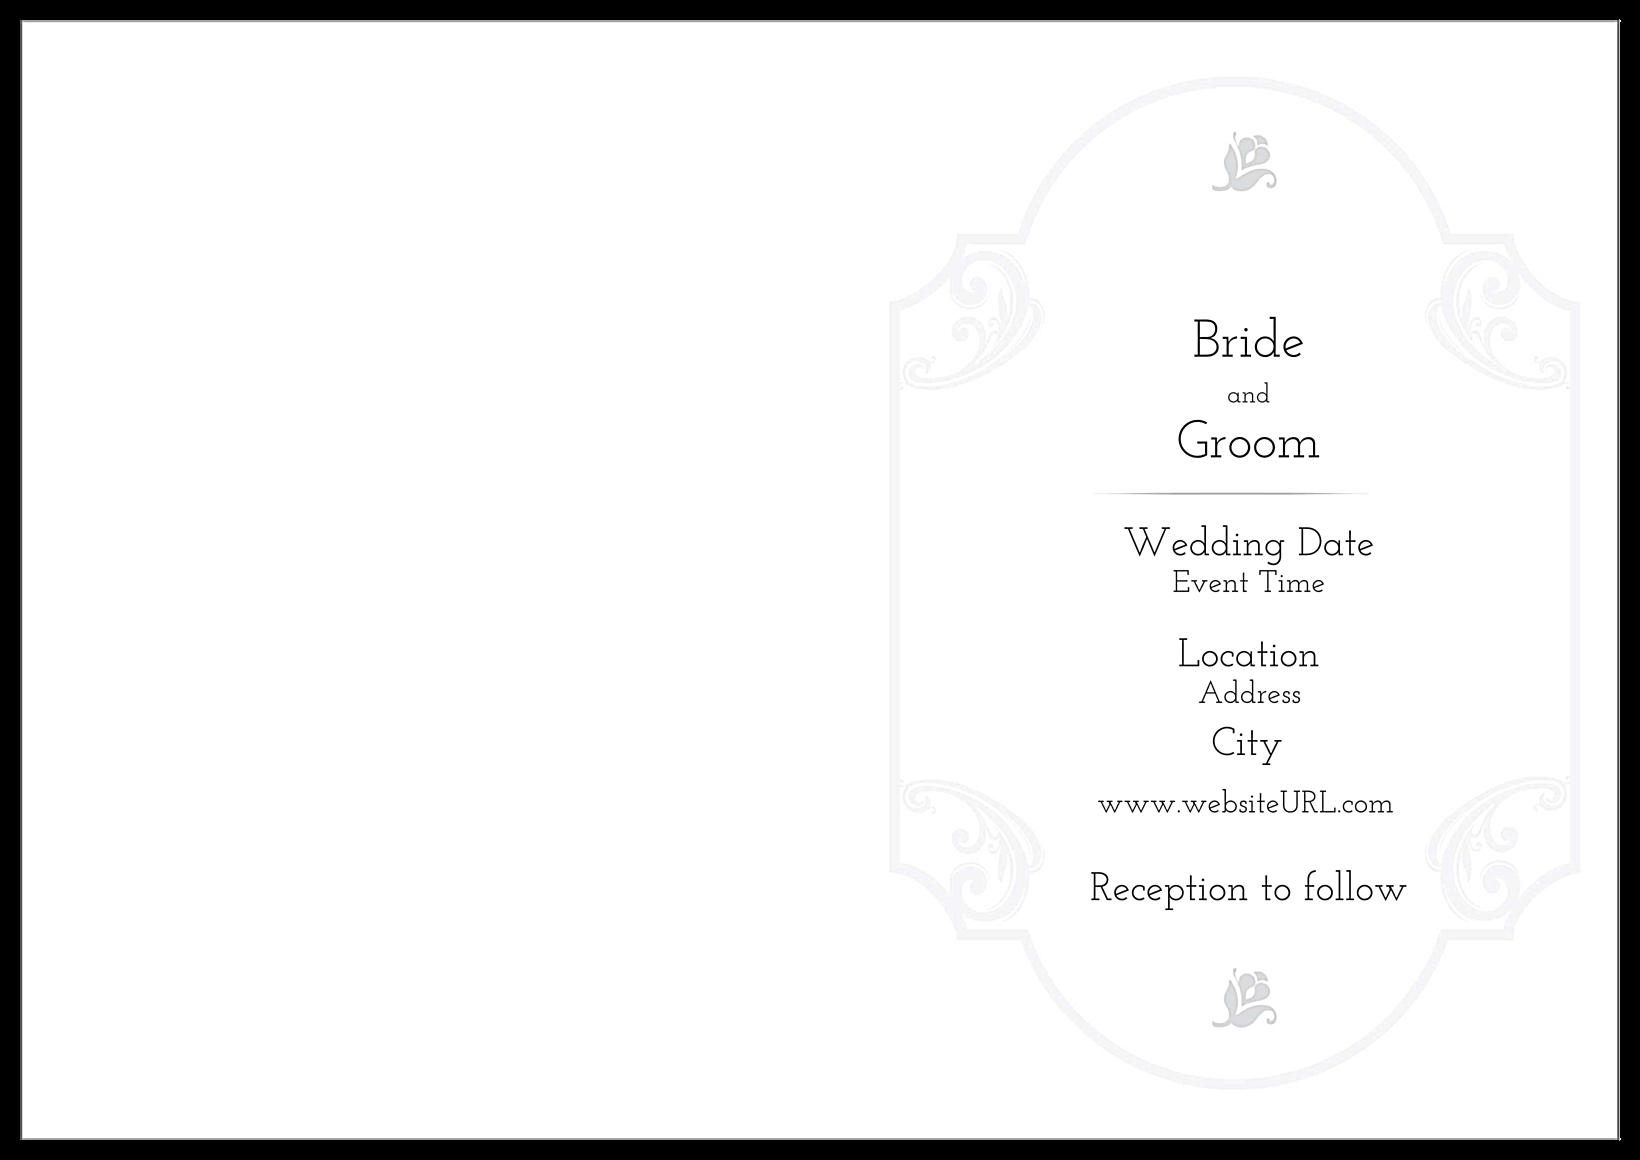 Floral Wedding back - Greeting Cards Maker